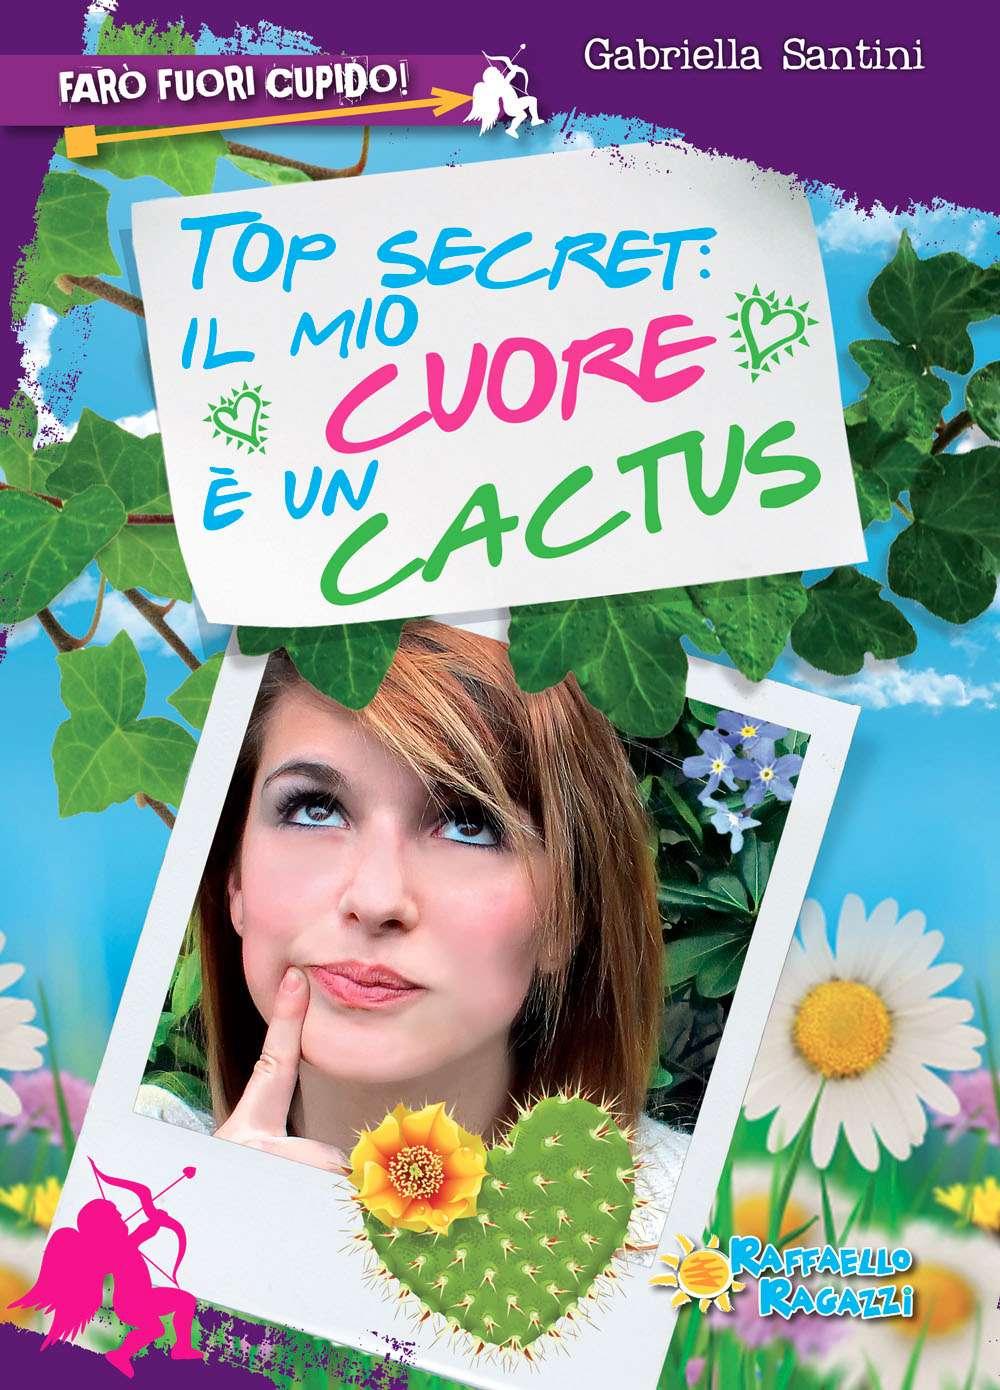 Top Secret: il mio cuore è un cactus